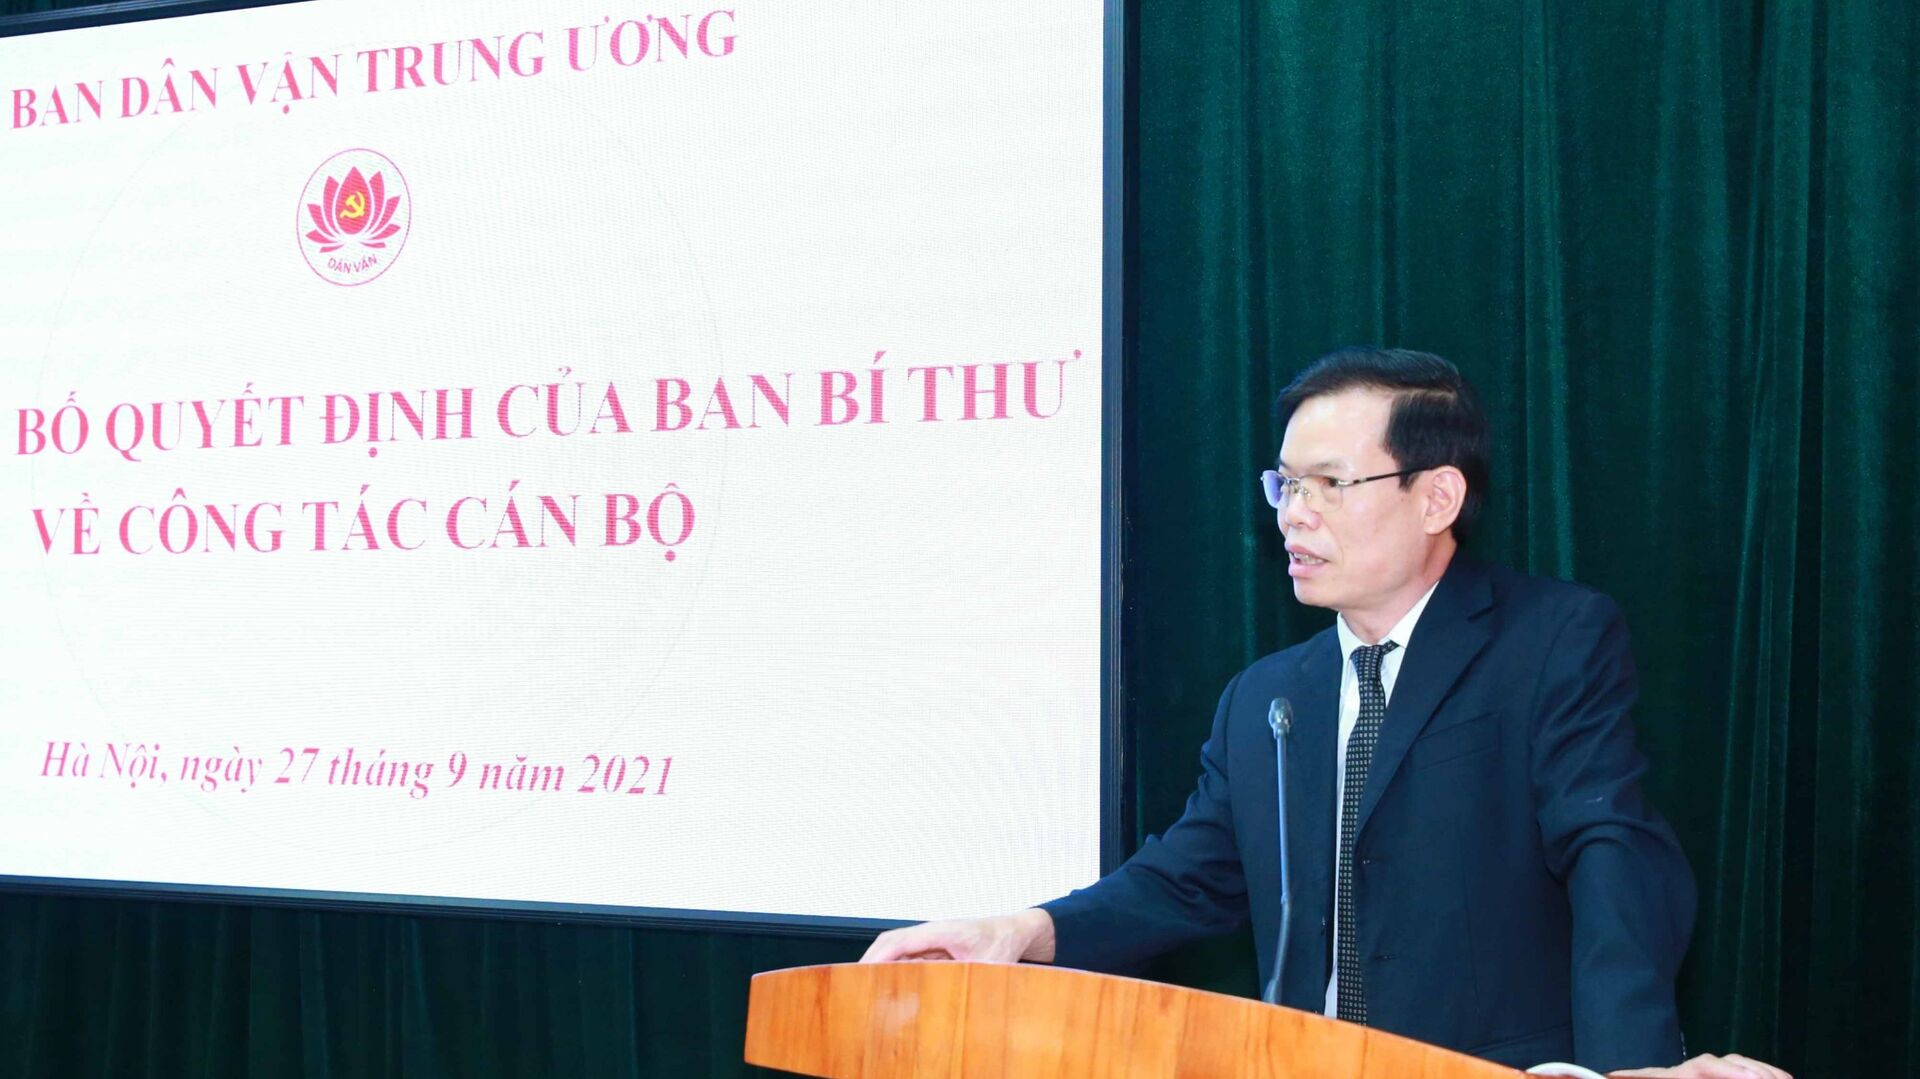 Phó Trưởng Ban Dân vận Trung ương Triệu Tài Vinh phát biểu. - Sputnik Việt Nam, 1920, 27.09.2021